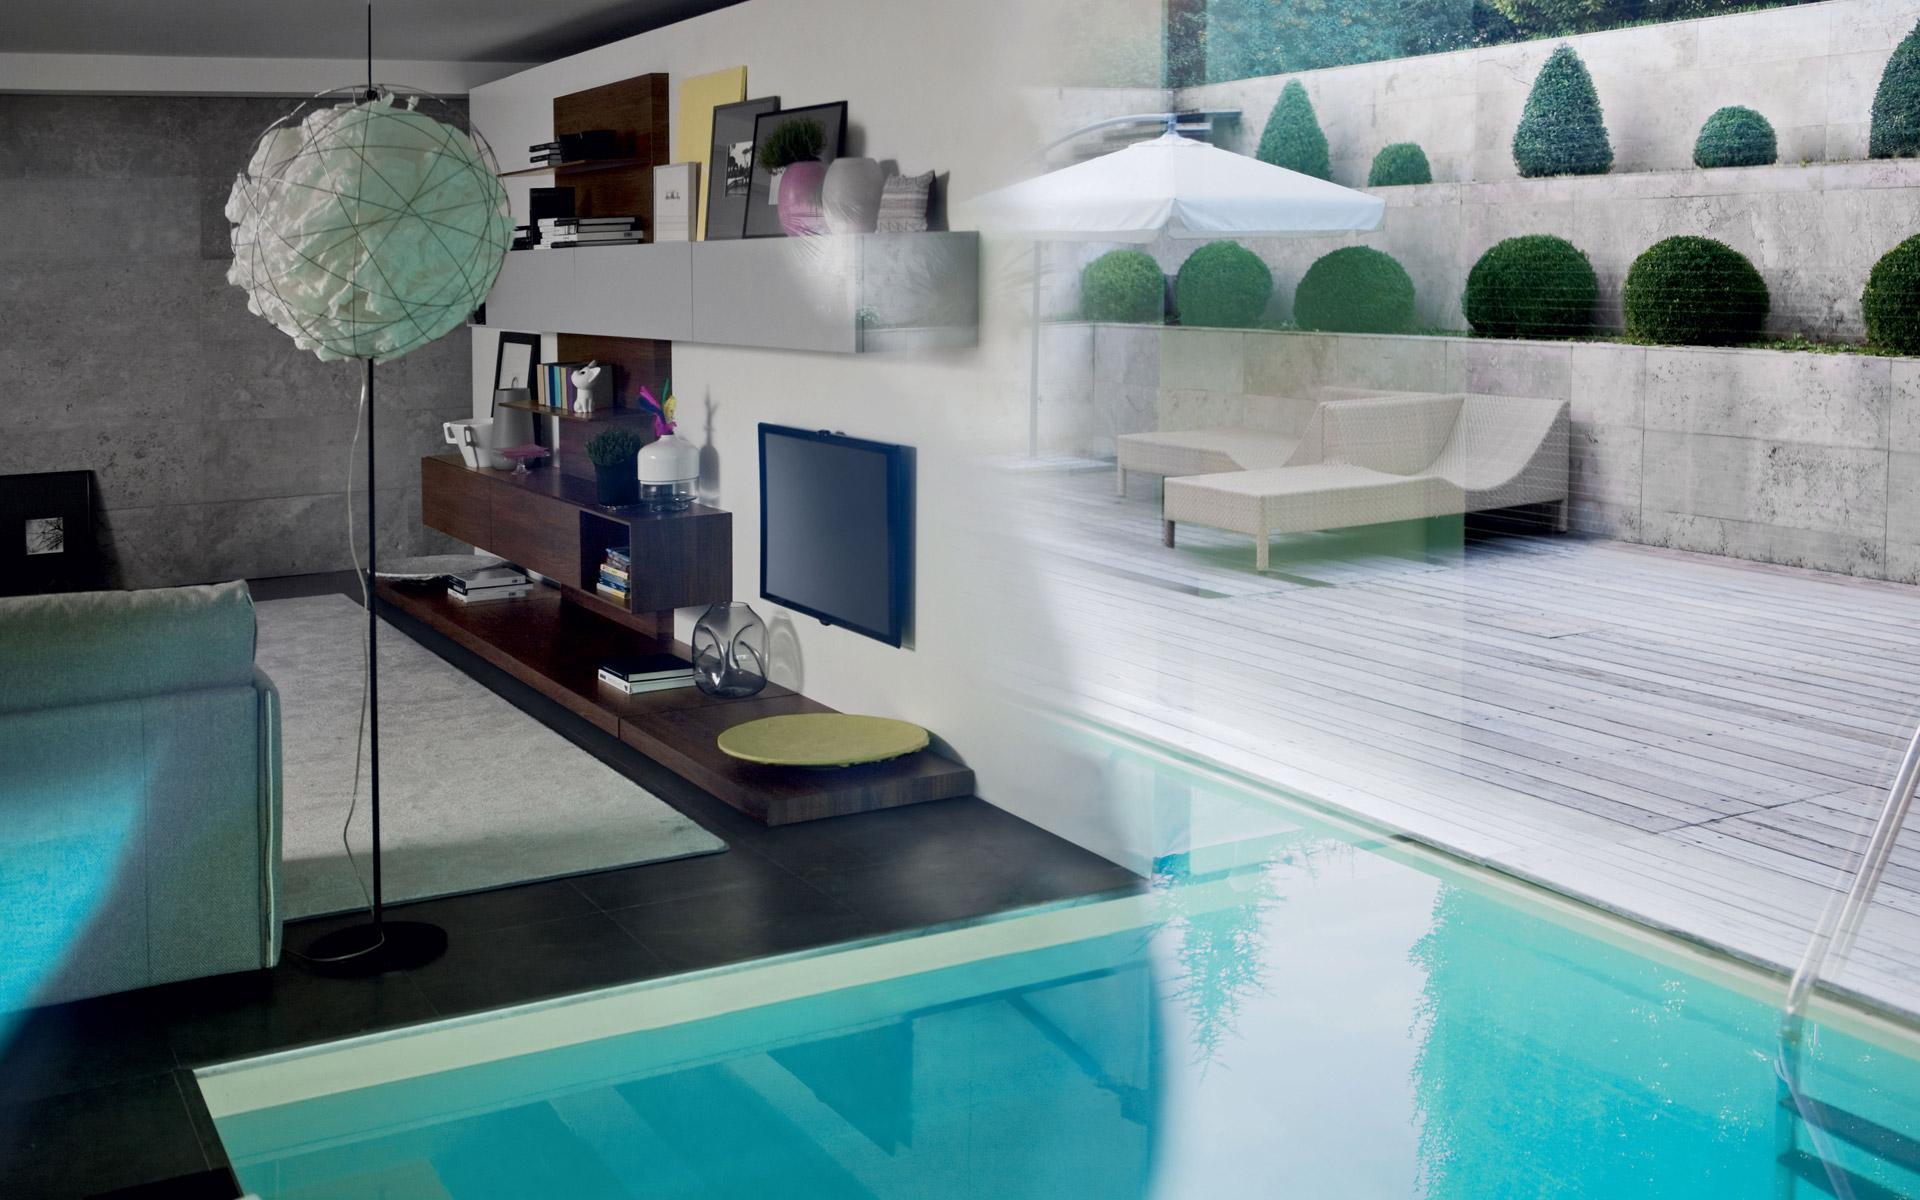 Negozio arredamento verona soggiorno lusso contemporaneo for Arredamento moderno contemporaneo